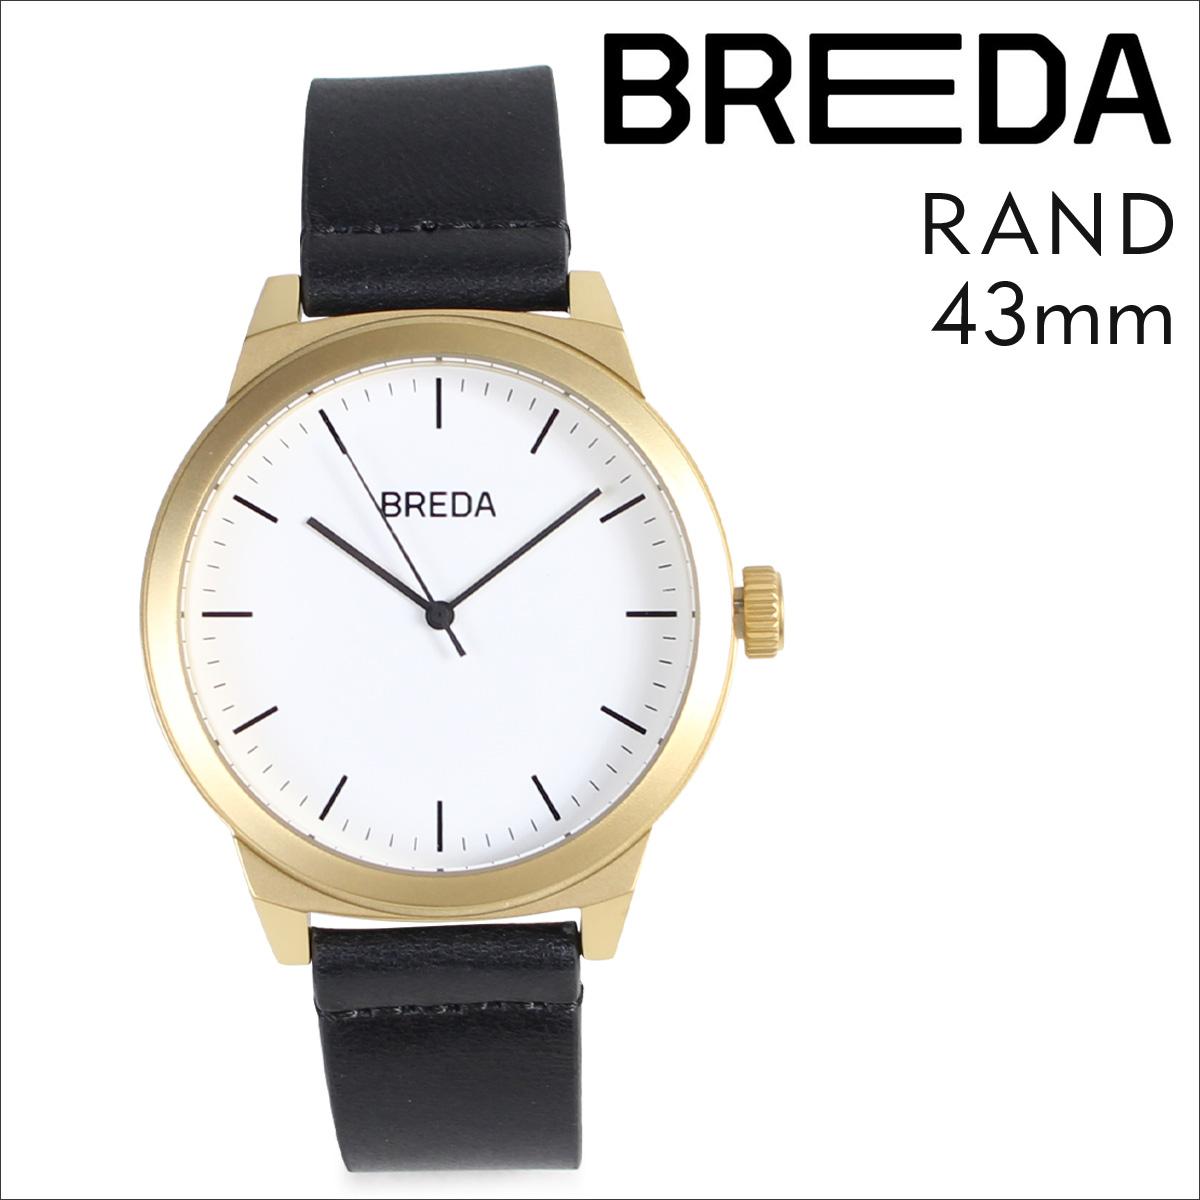 ブレダ BREDA 腕時計 43mm メンズ 時計 ランド RAND 8184K ゴールド ブラック 黒